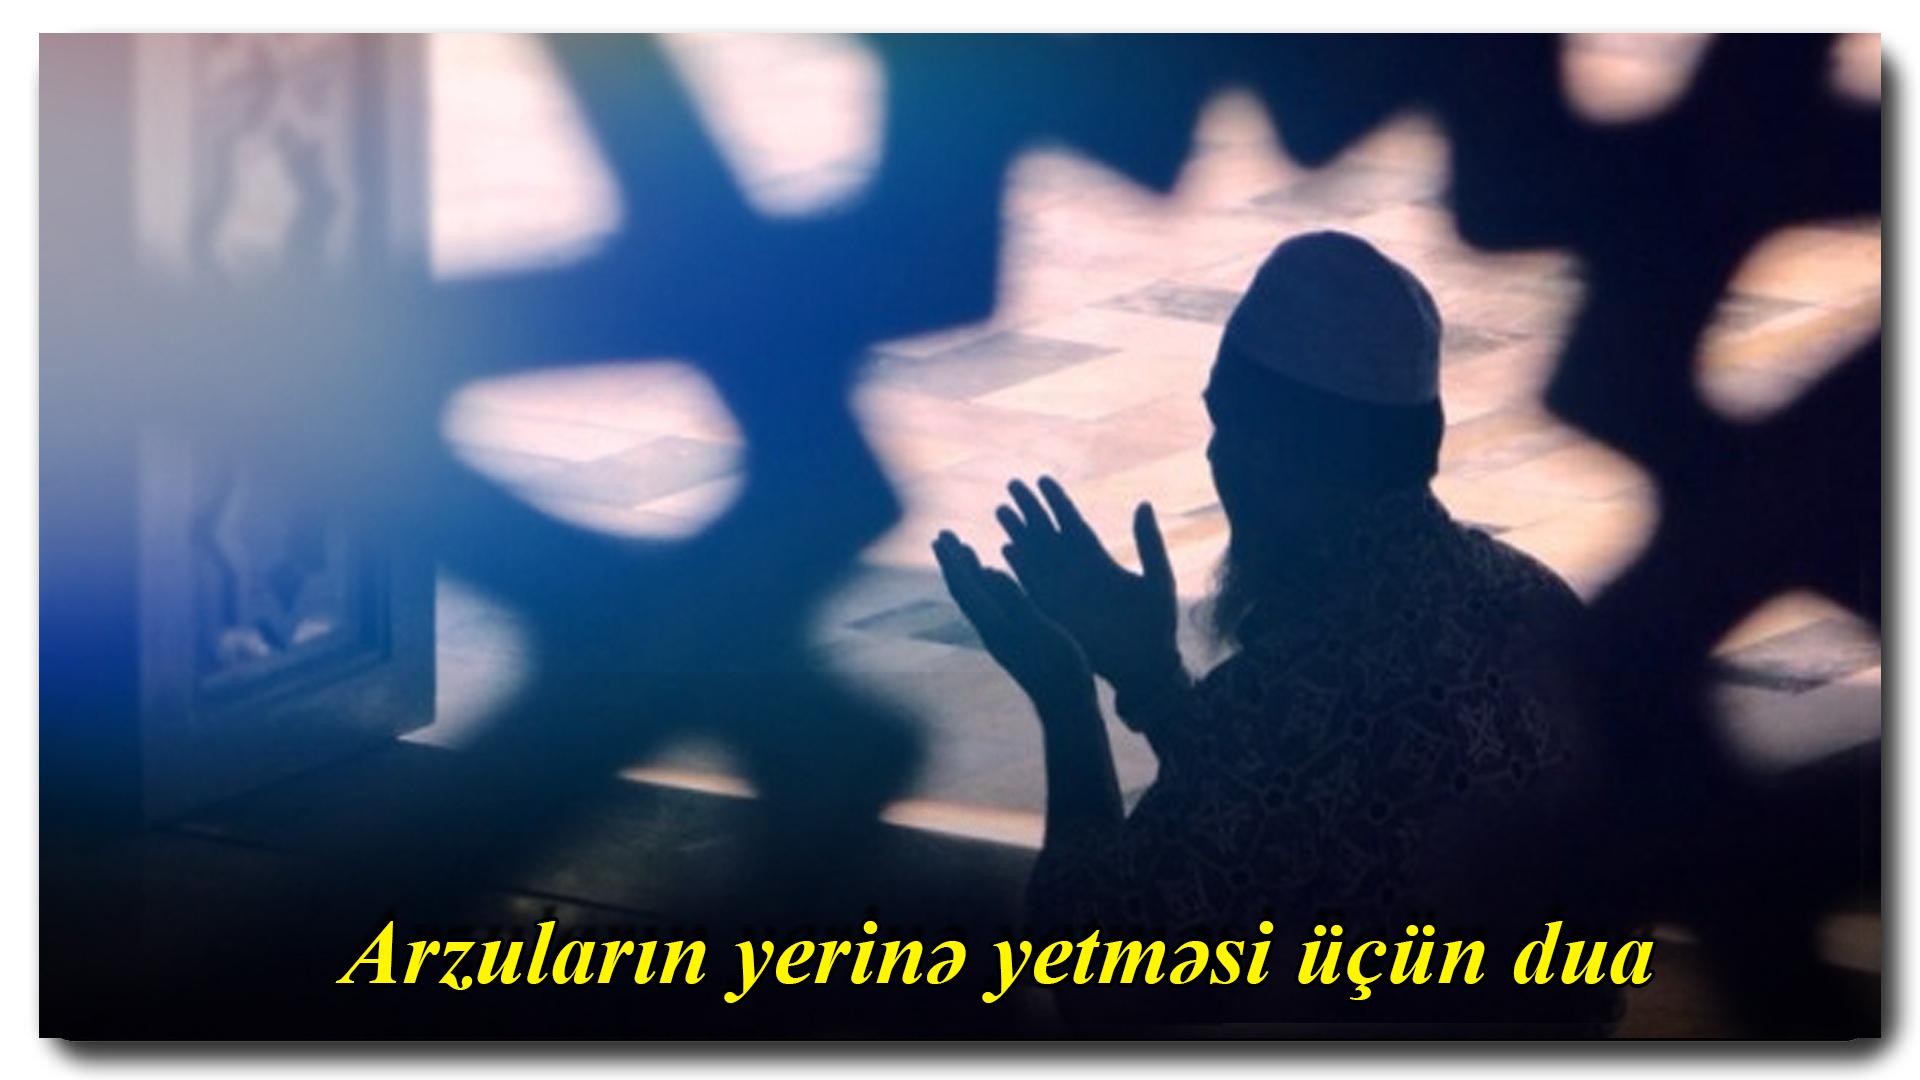 Arzuların yerinə yetməsi üçün dua